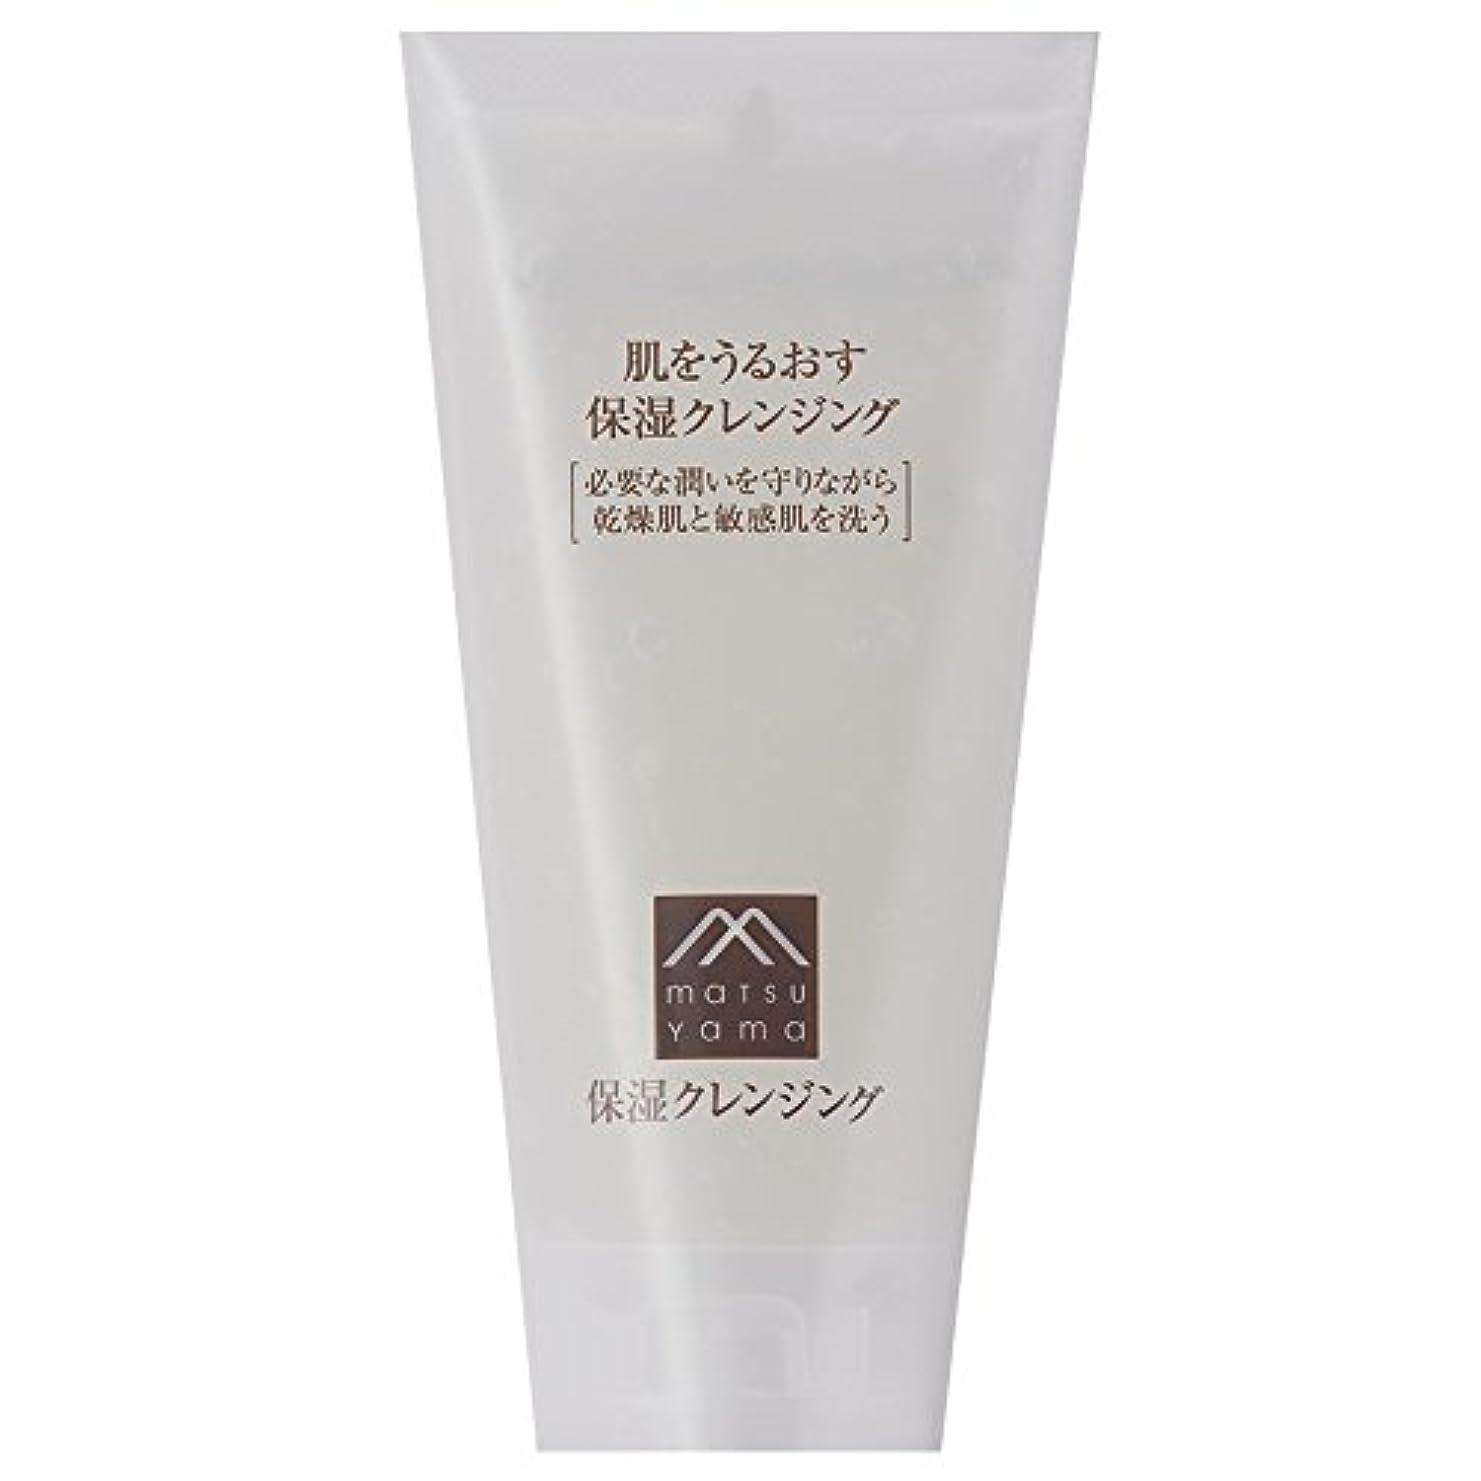 サンダル正気いらいらさせる肌をうるおす保湿クレンジング(メイク落とし) 保湿 乾燥肌 敏感肌